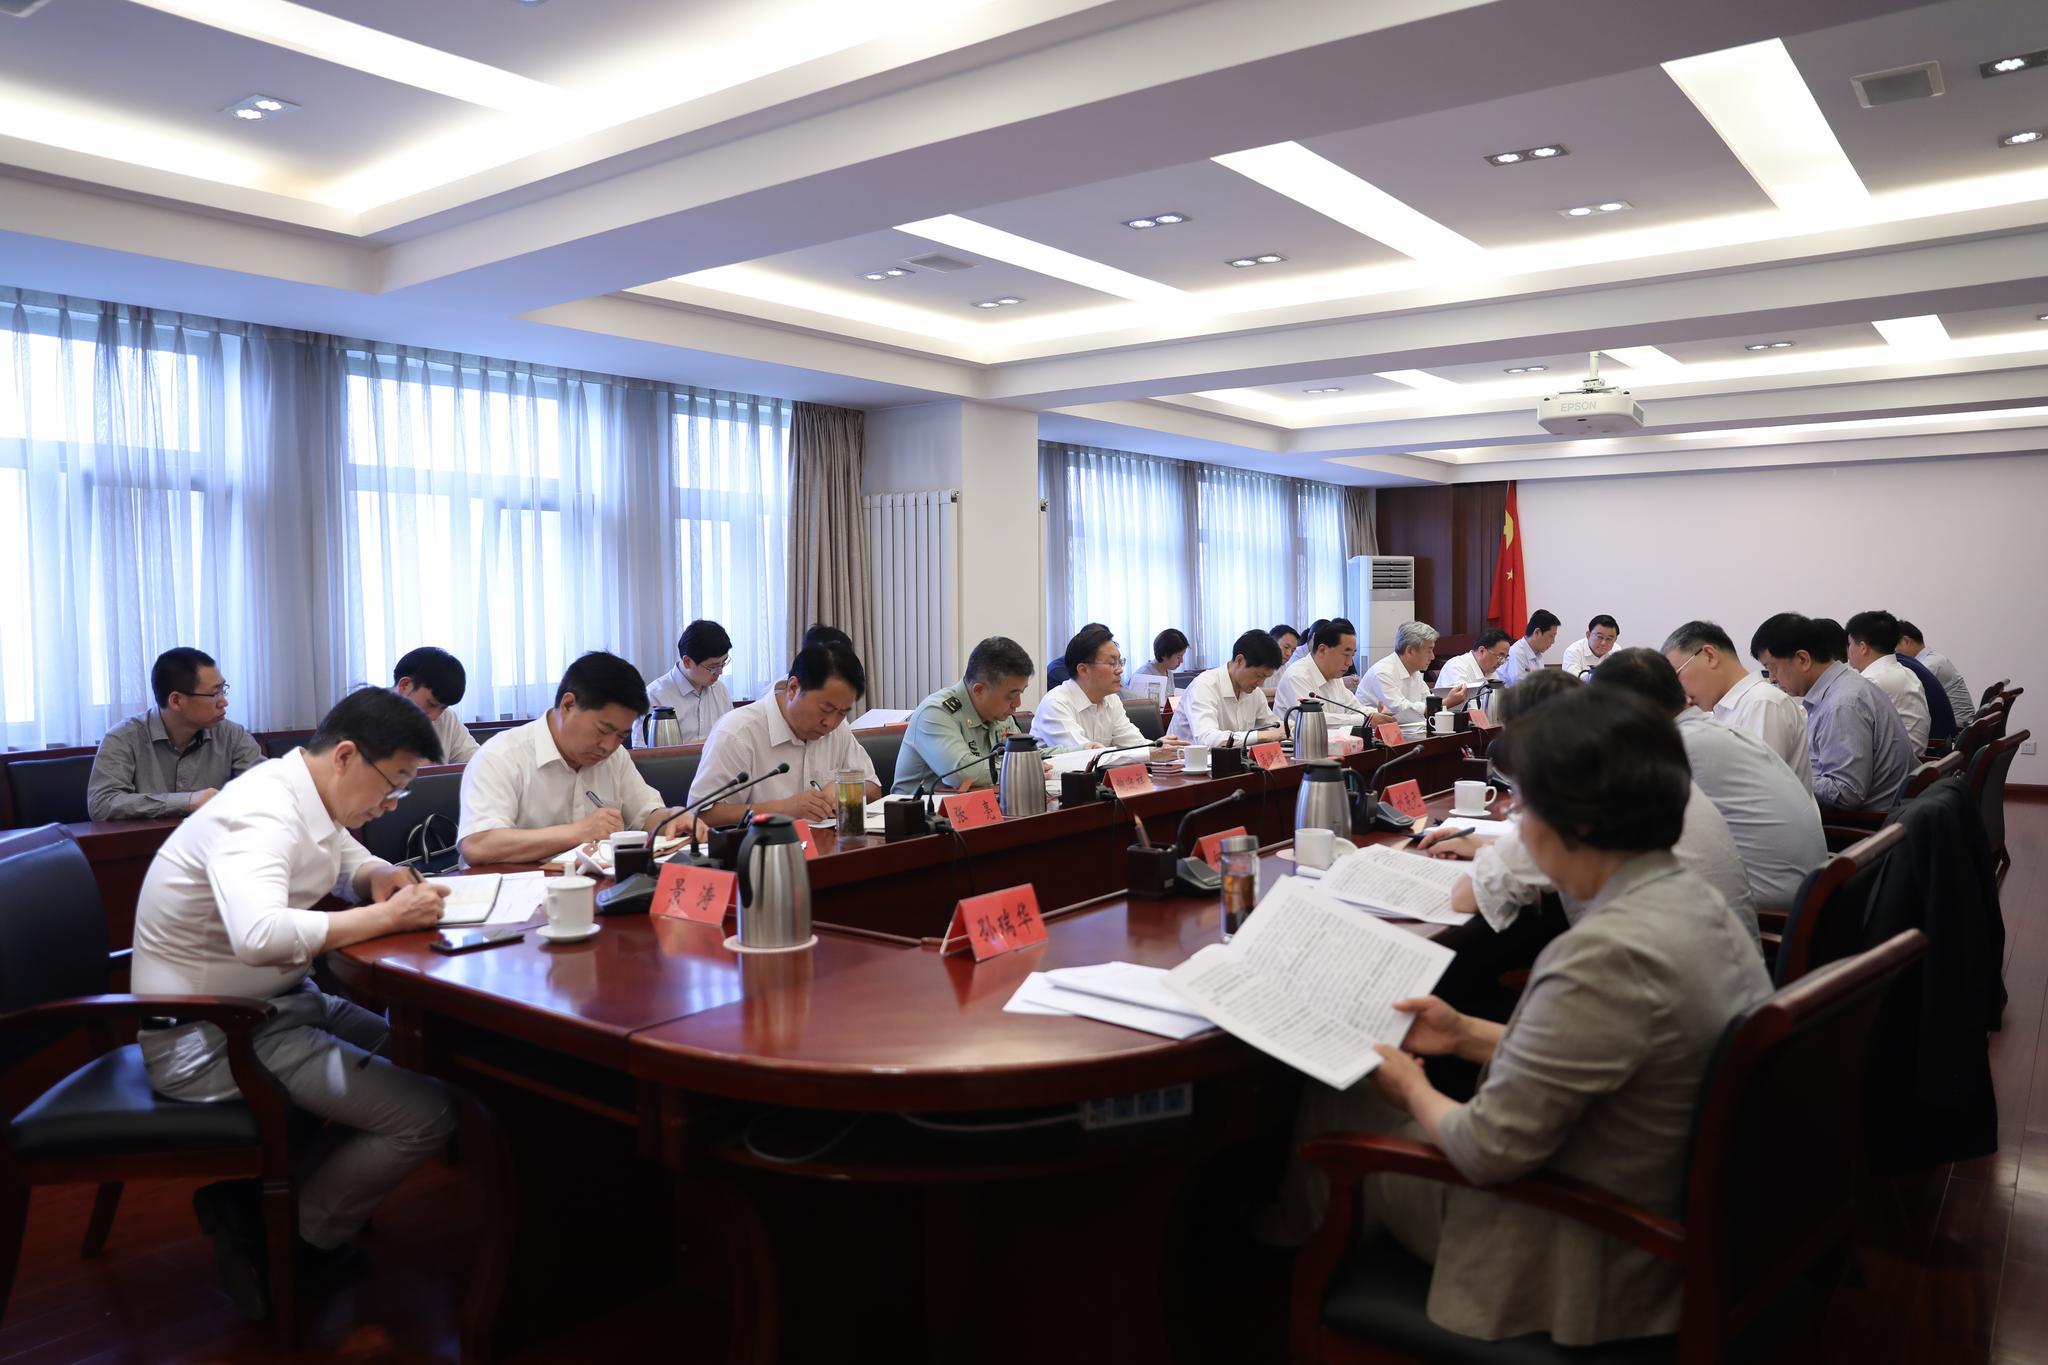 学懂弄通习近平新时代中国特色社会主义政法思想 在各项政法工作中贯彻落实践行